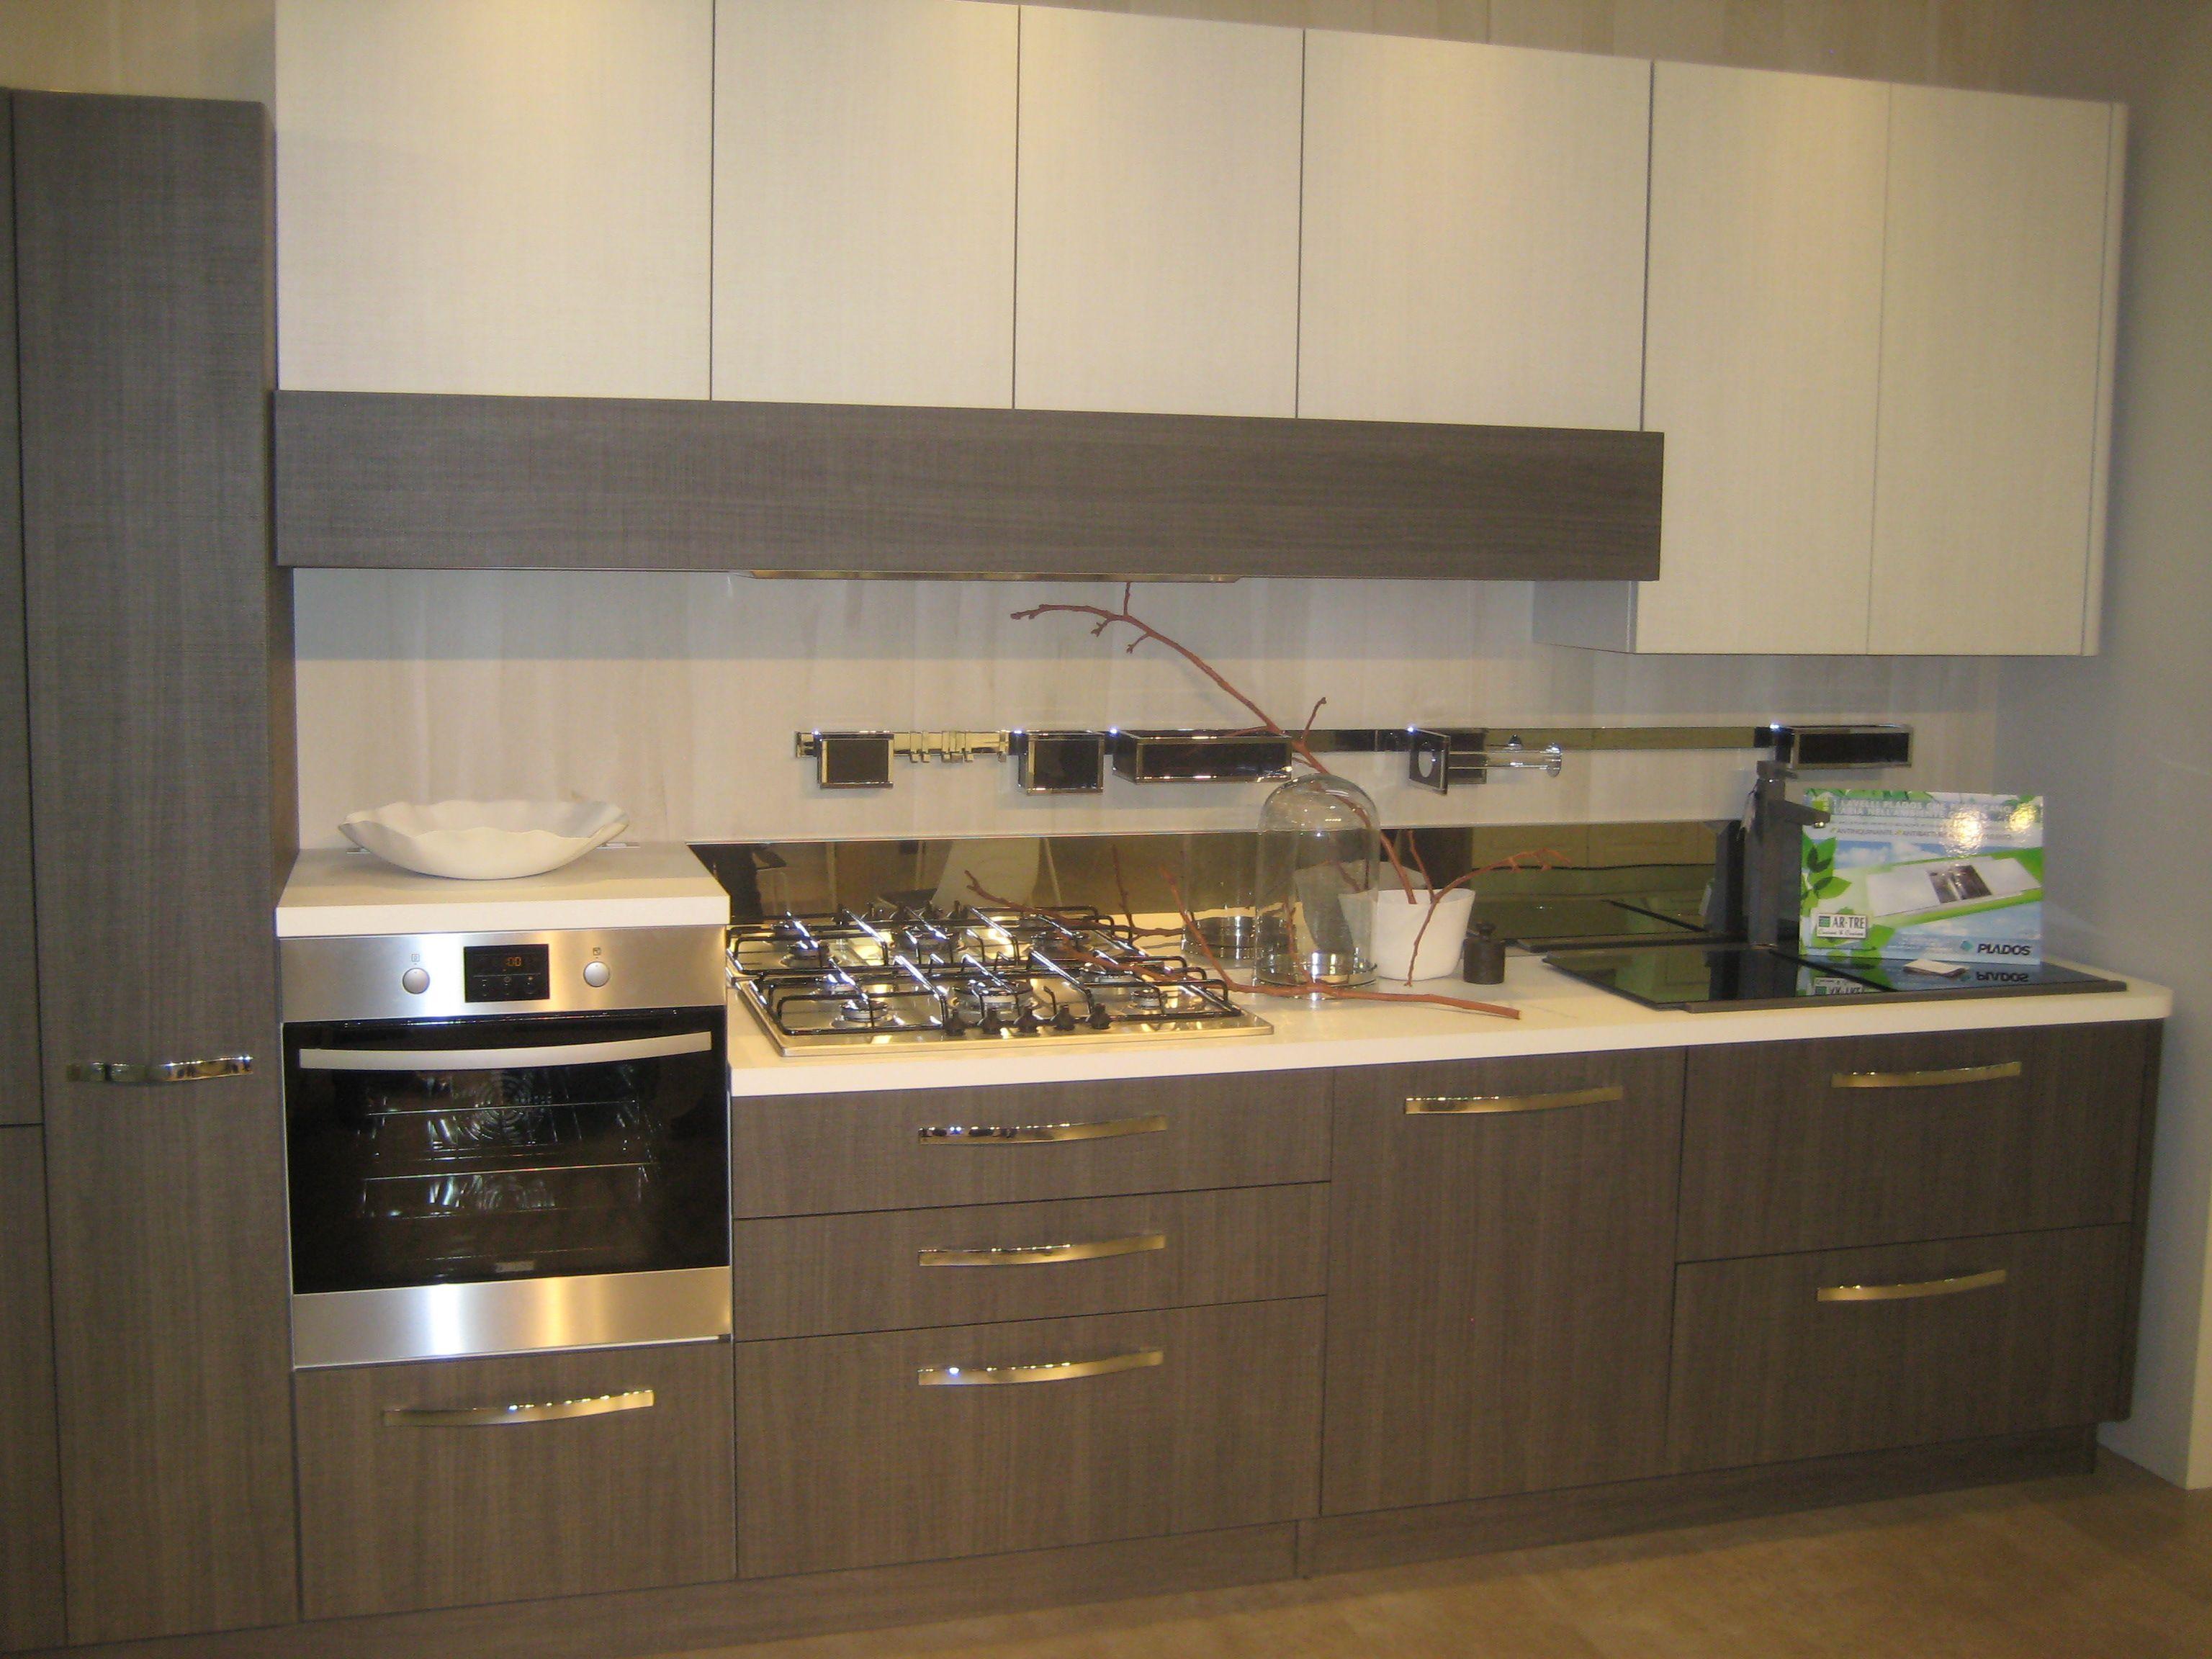 Cocina dos colores feria milan 2012 pinterest dise o - Cocinas diseno pequenas ...